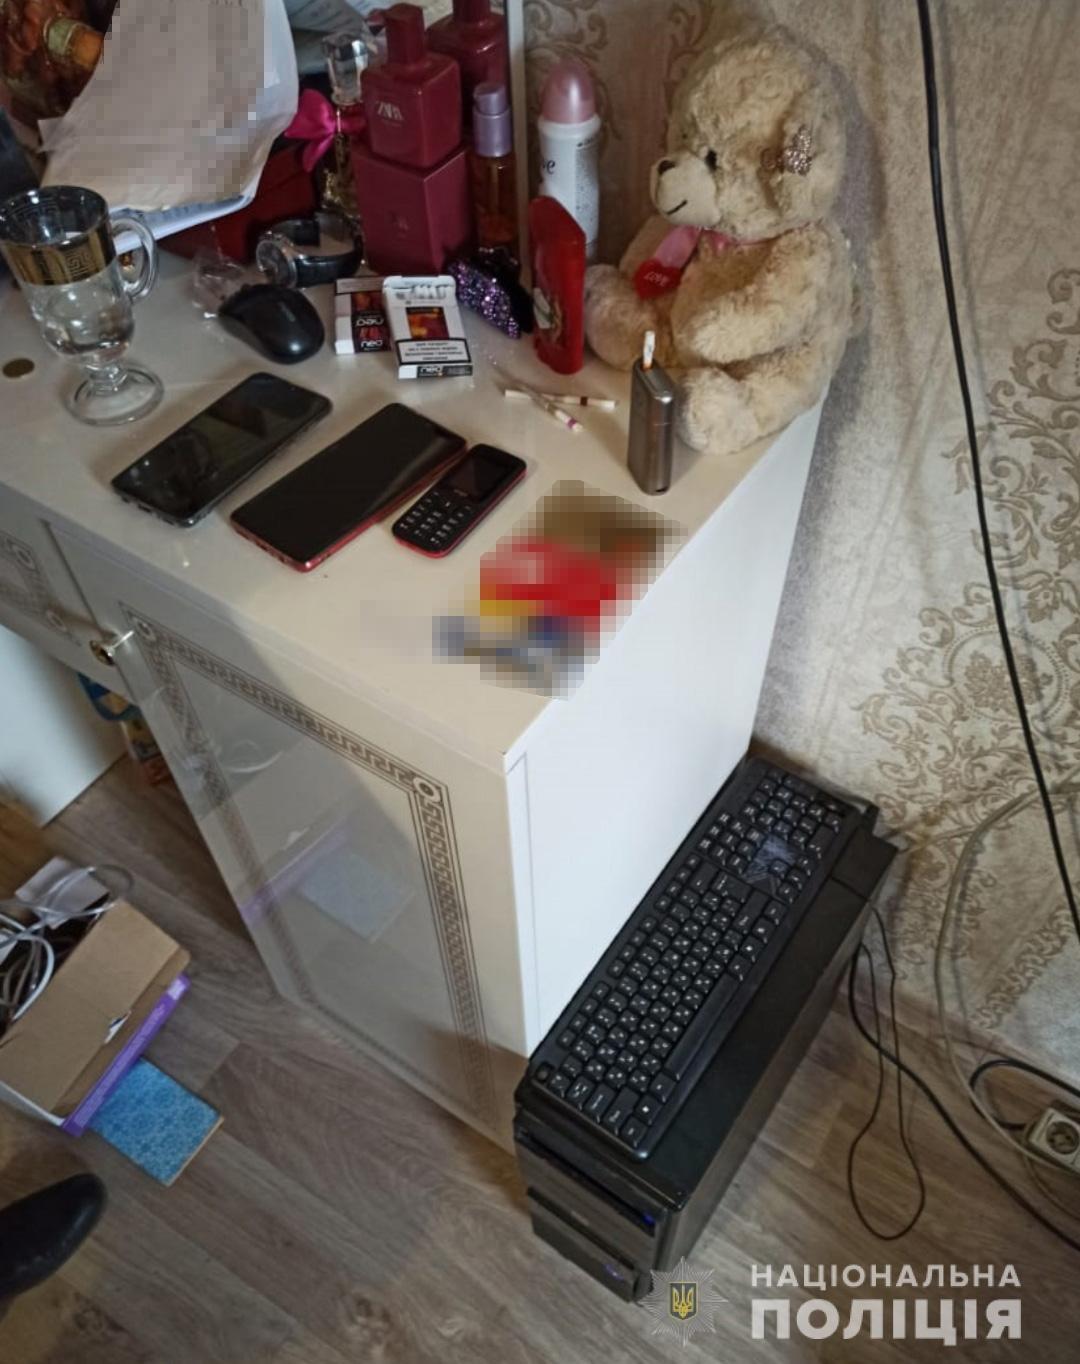 В Николаеве супруги продавали несуществующие товары через интернет, - ФОТО, фото-2